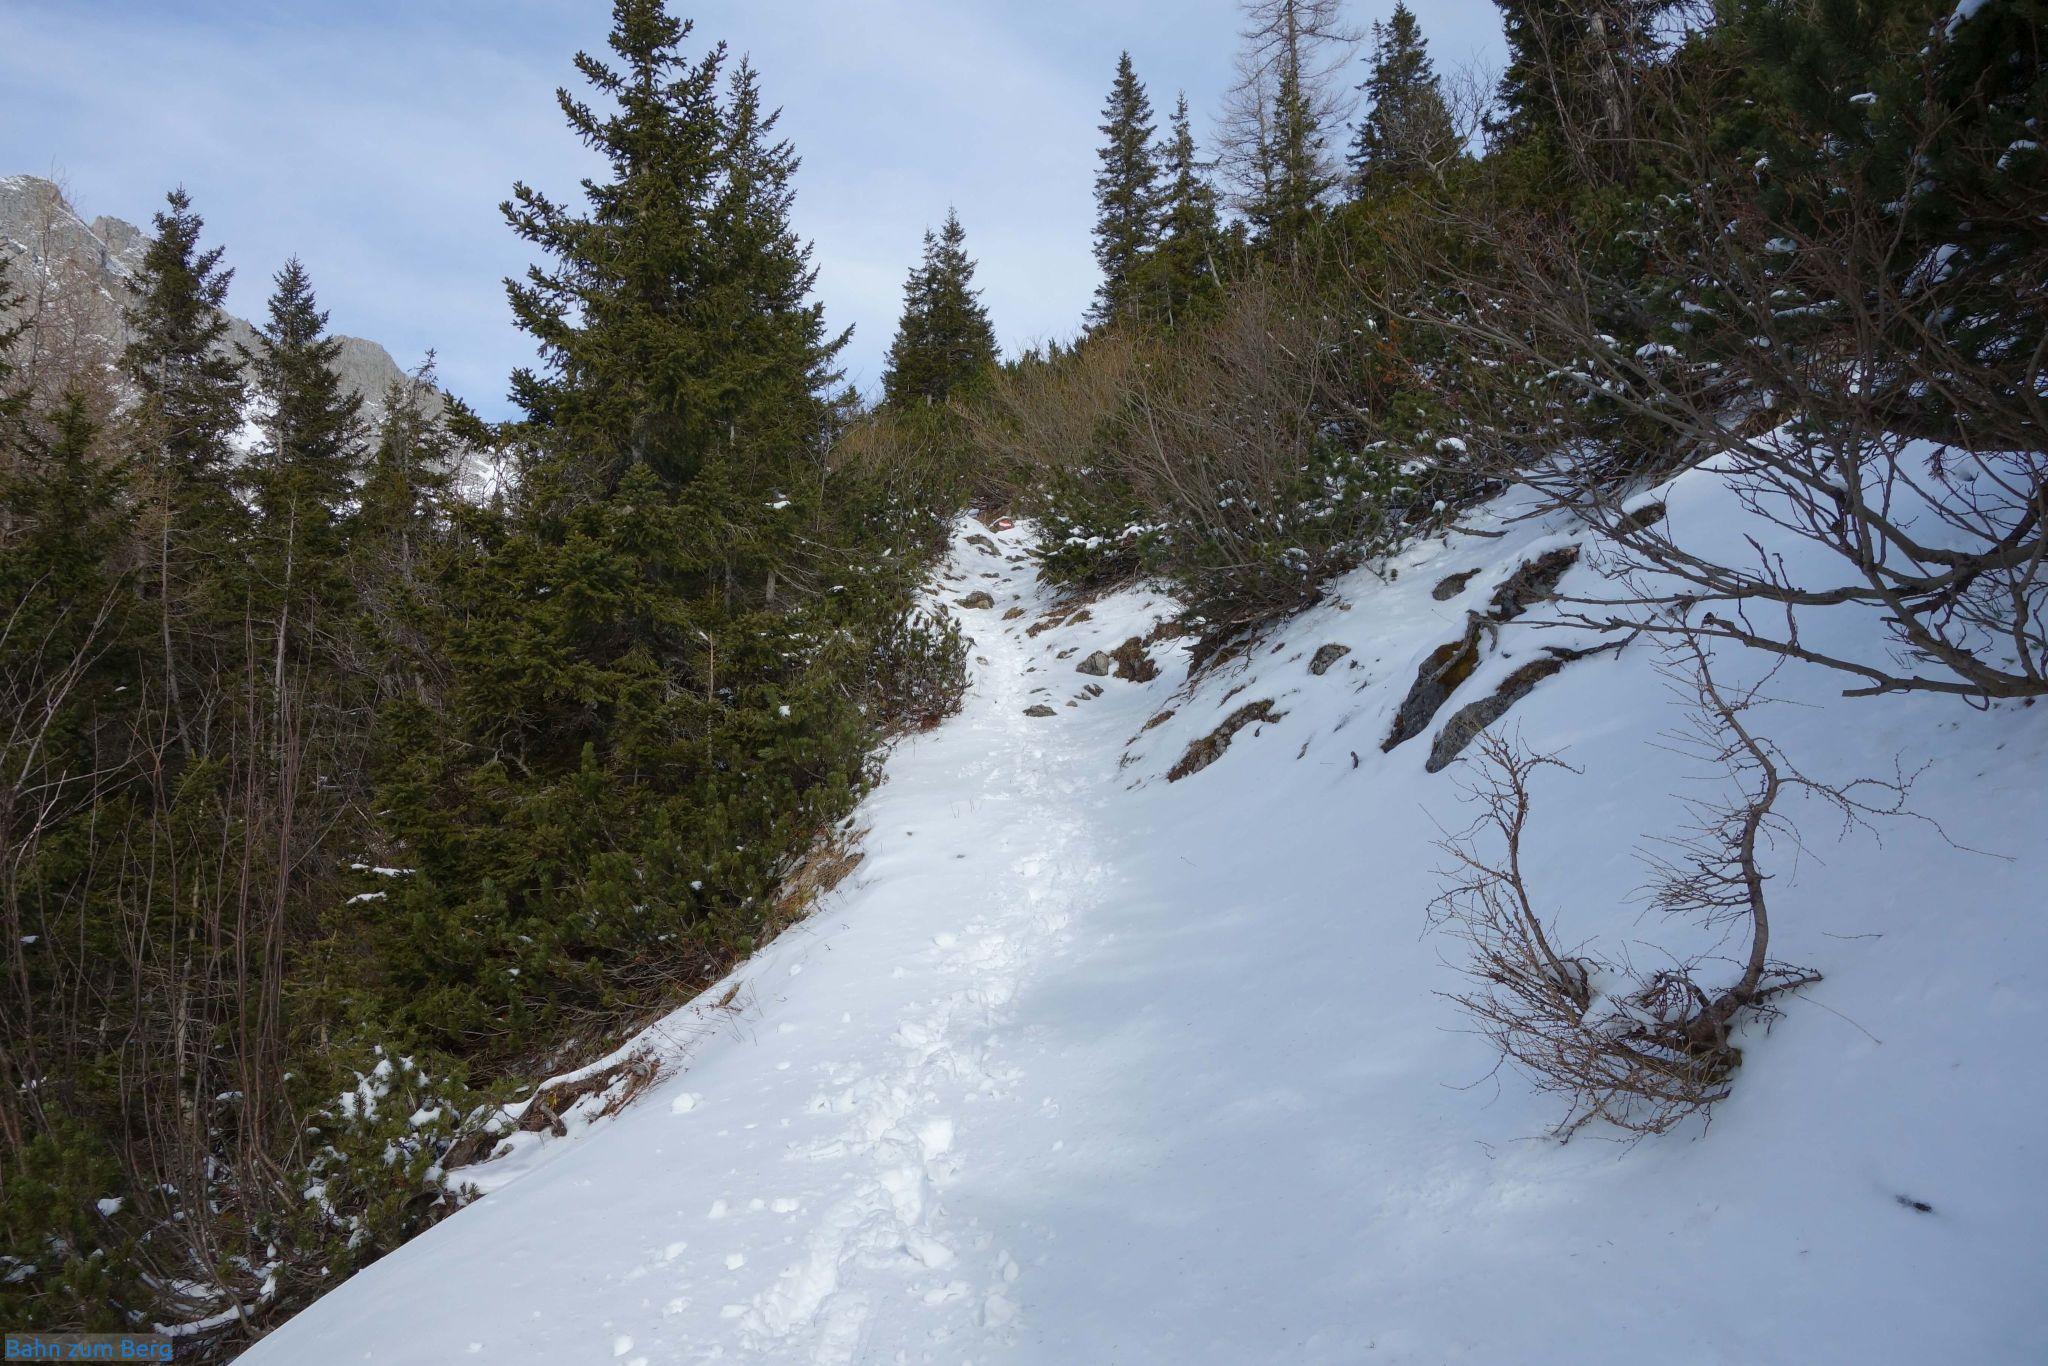 Bis zum Lamingsattel geht es angenehm durch den Wald bergauf.